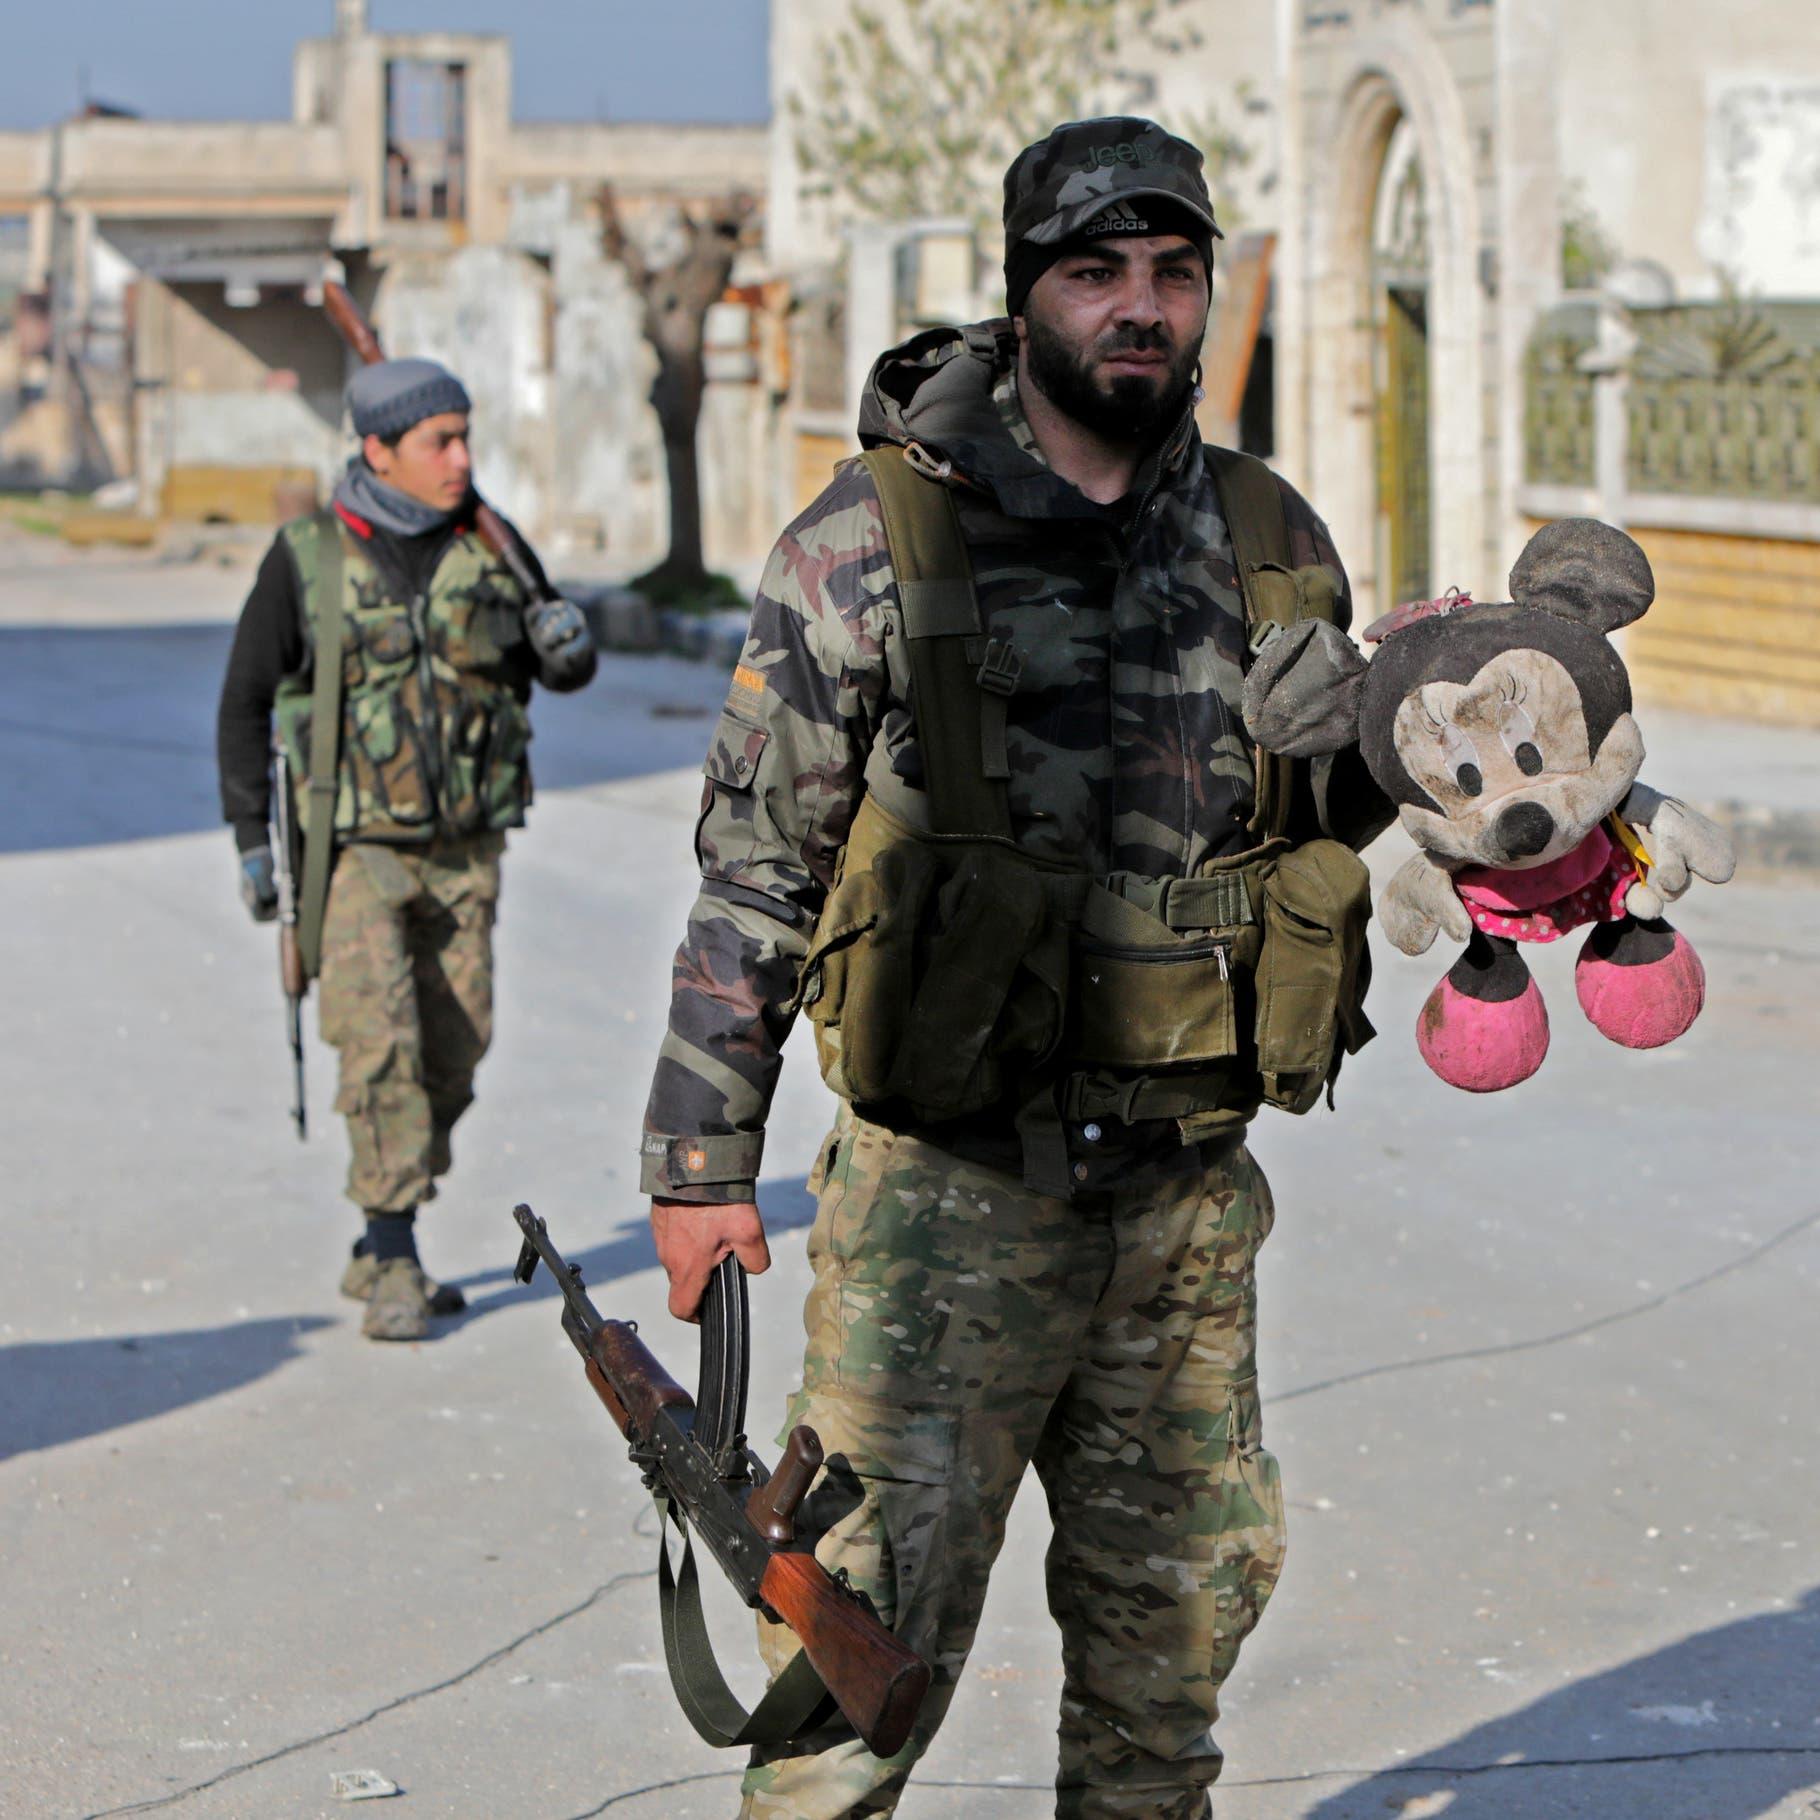 بحثاً عن الكنوز.. فصائل موالية لتركيا تهدم مئذنة مسجد